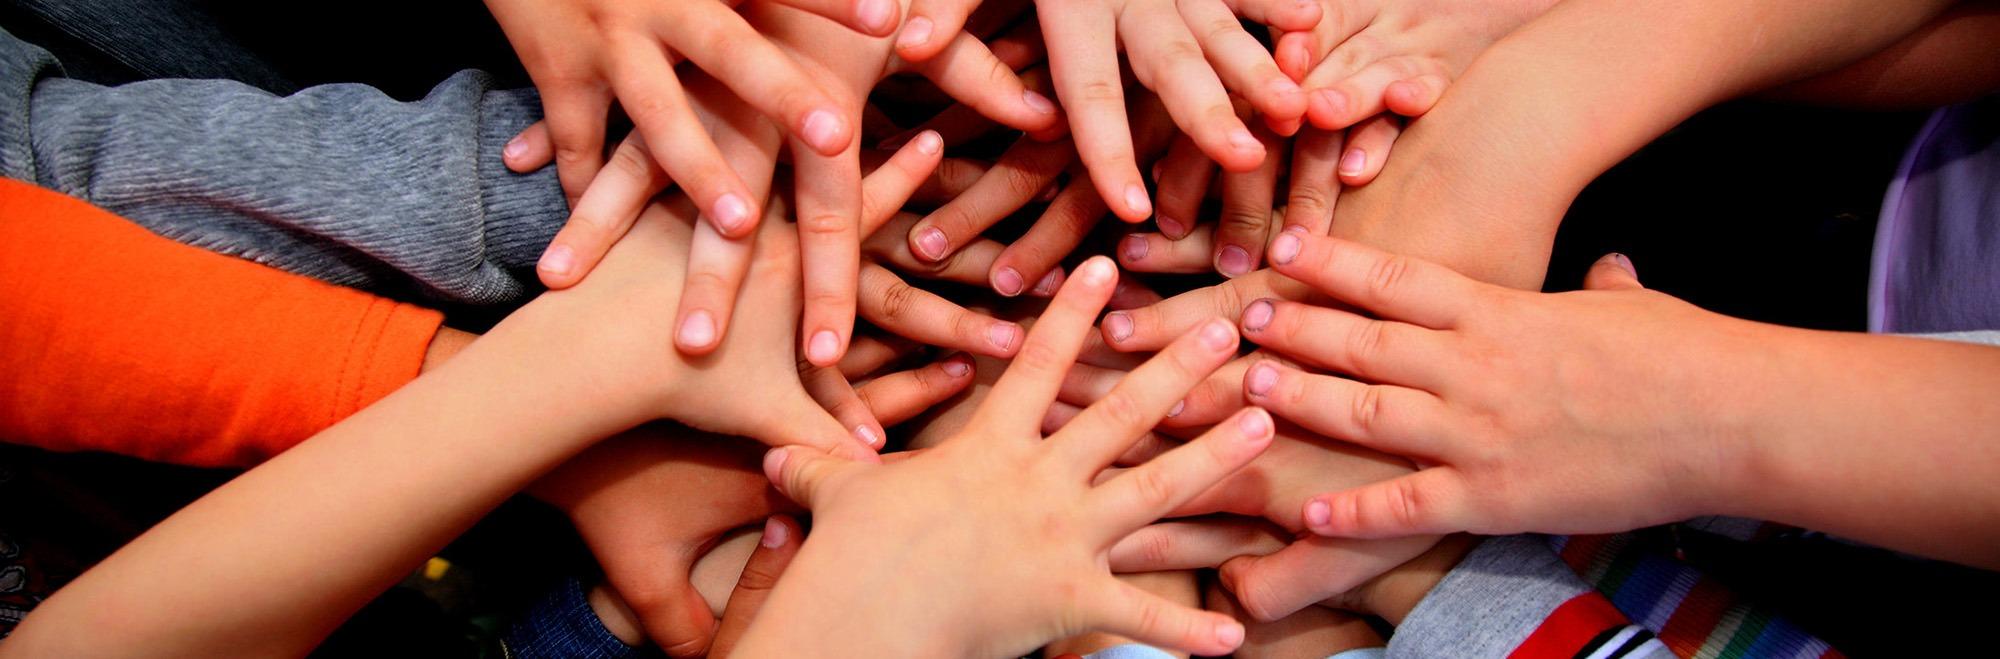 03-ajuda-mans-creuades